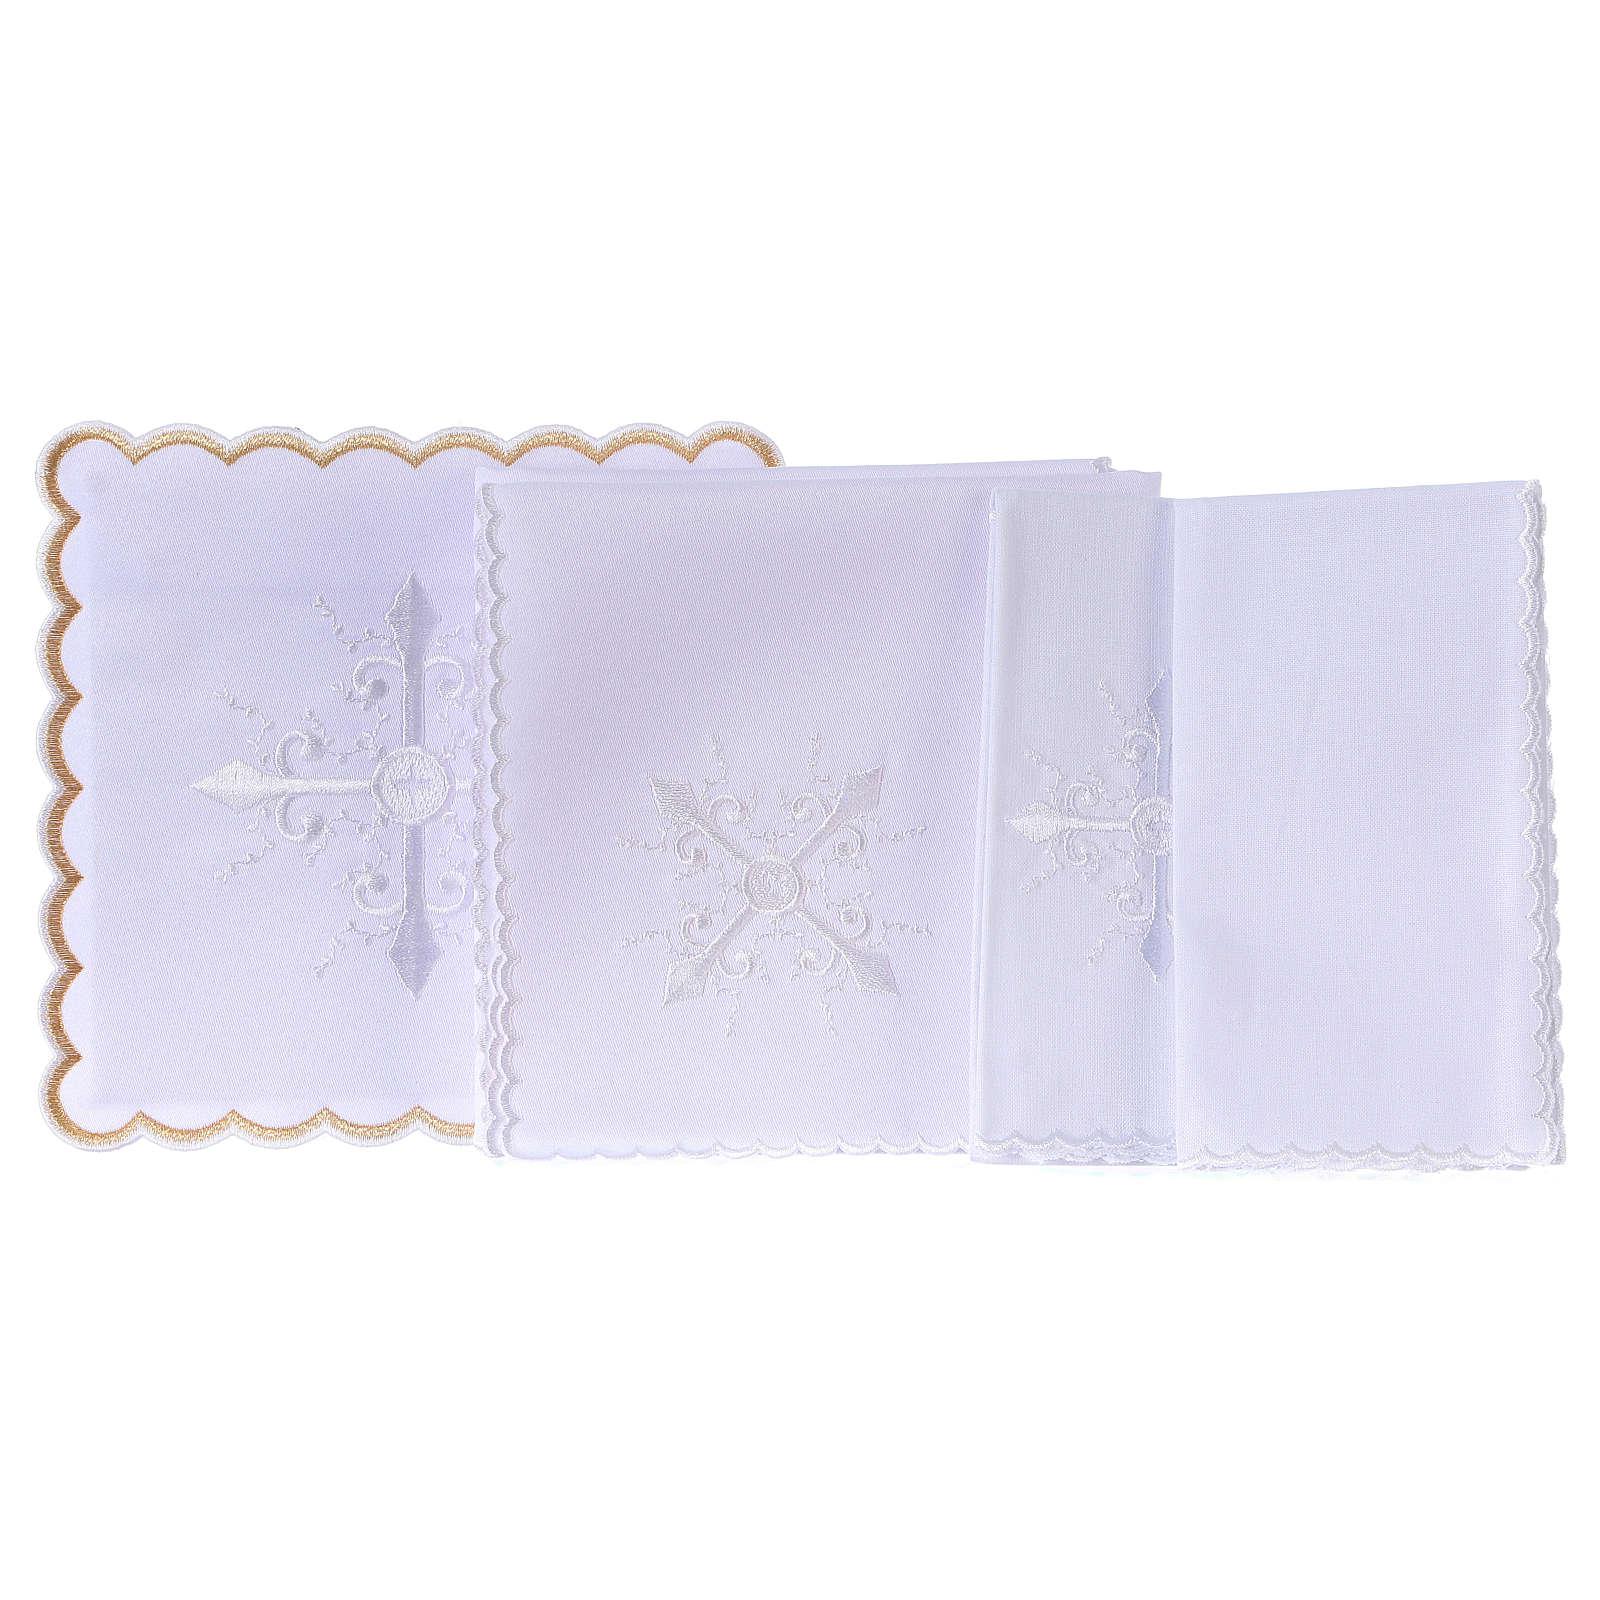 Servicio de altar algodón bordado blanco cruz barroca 4